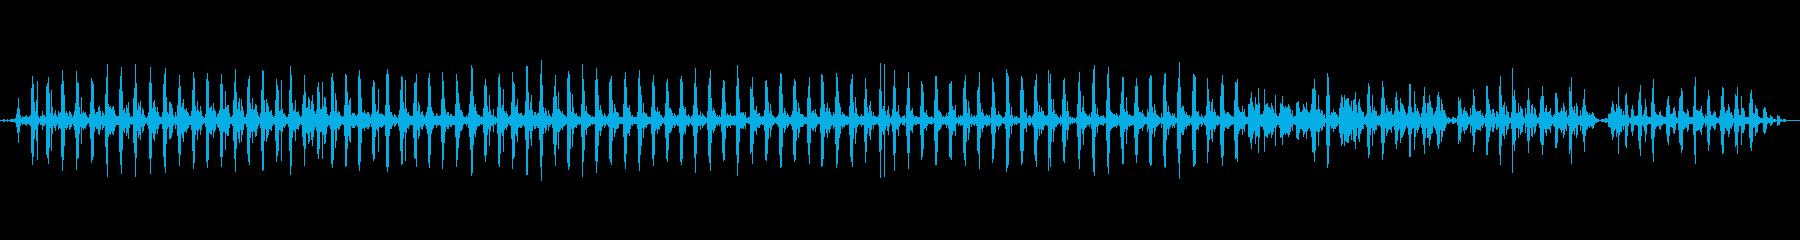 西会津町 - 伝統産業 舟水を混ぜる音の再生済みの波形